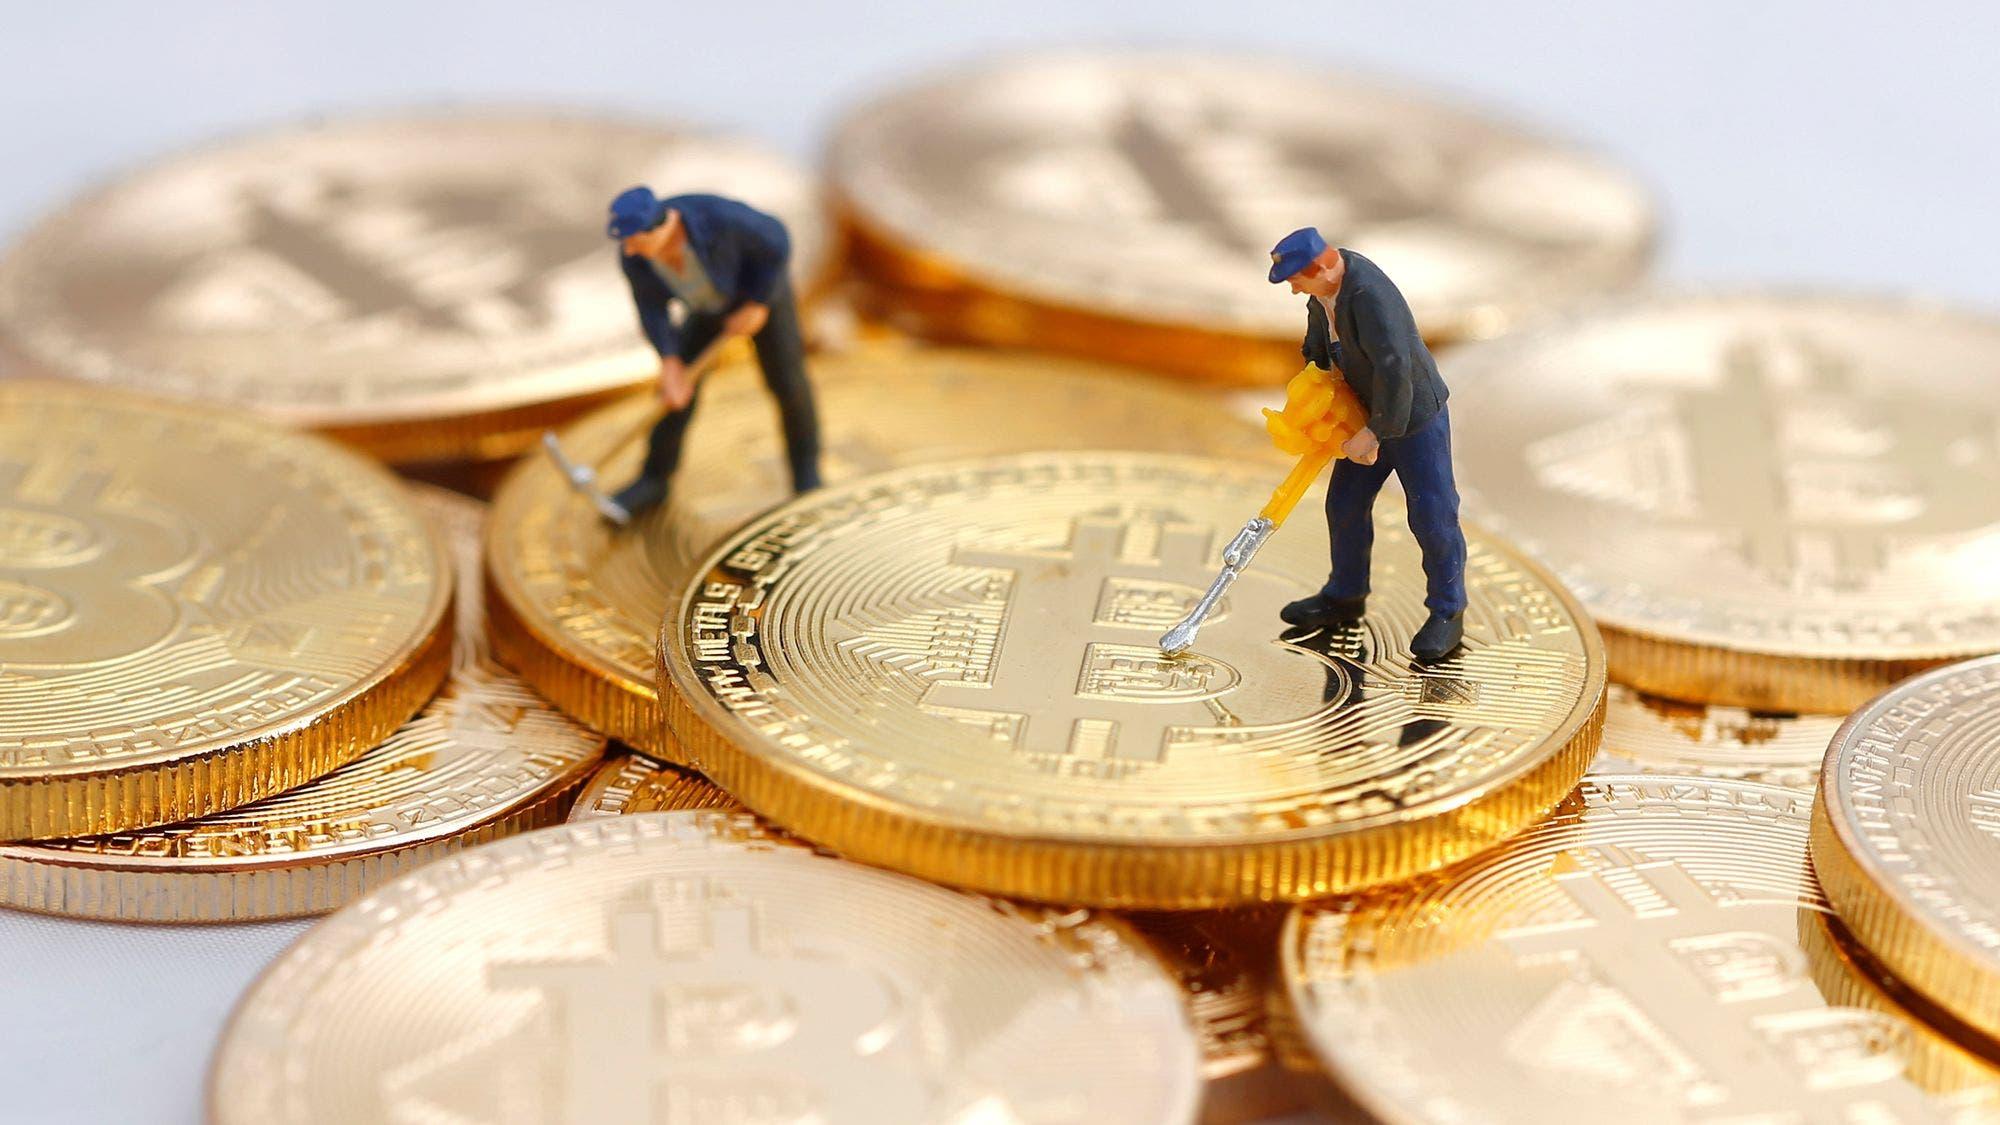 Cómo saber si un sitio web utiliza tu PC para minar bitcoins sin permiso